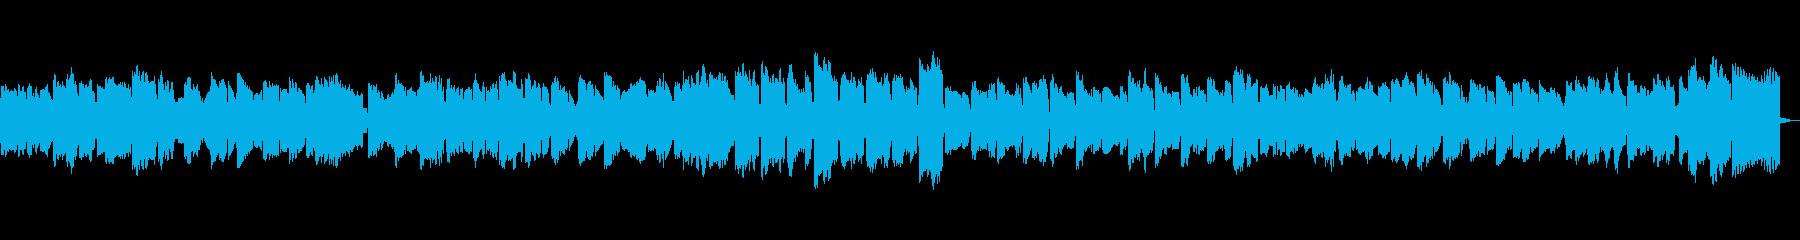 のどかな3拍子のファゴットの再生済みの波形